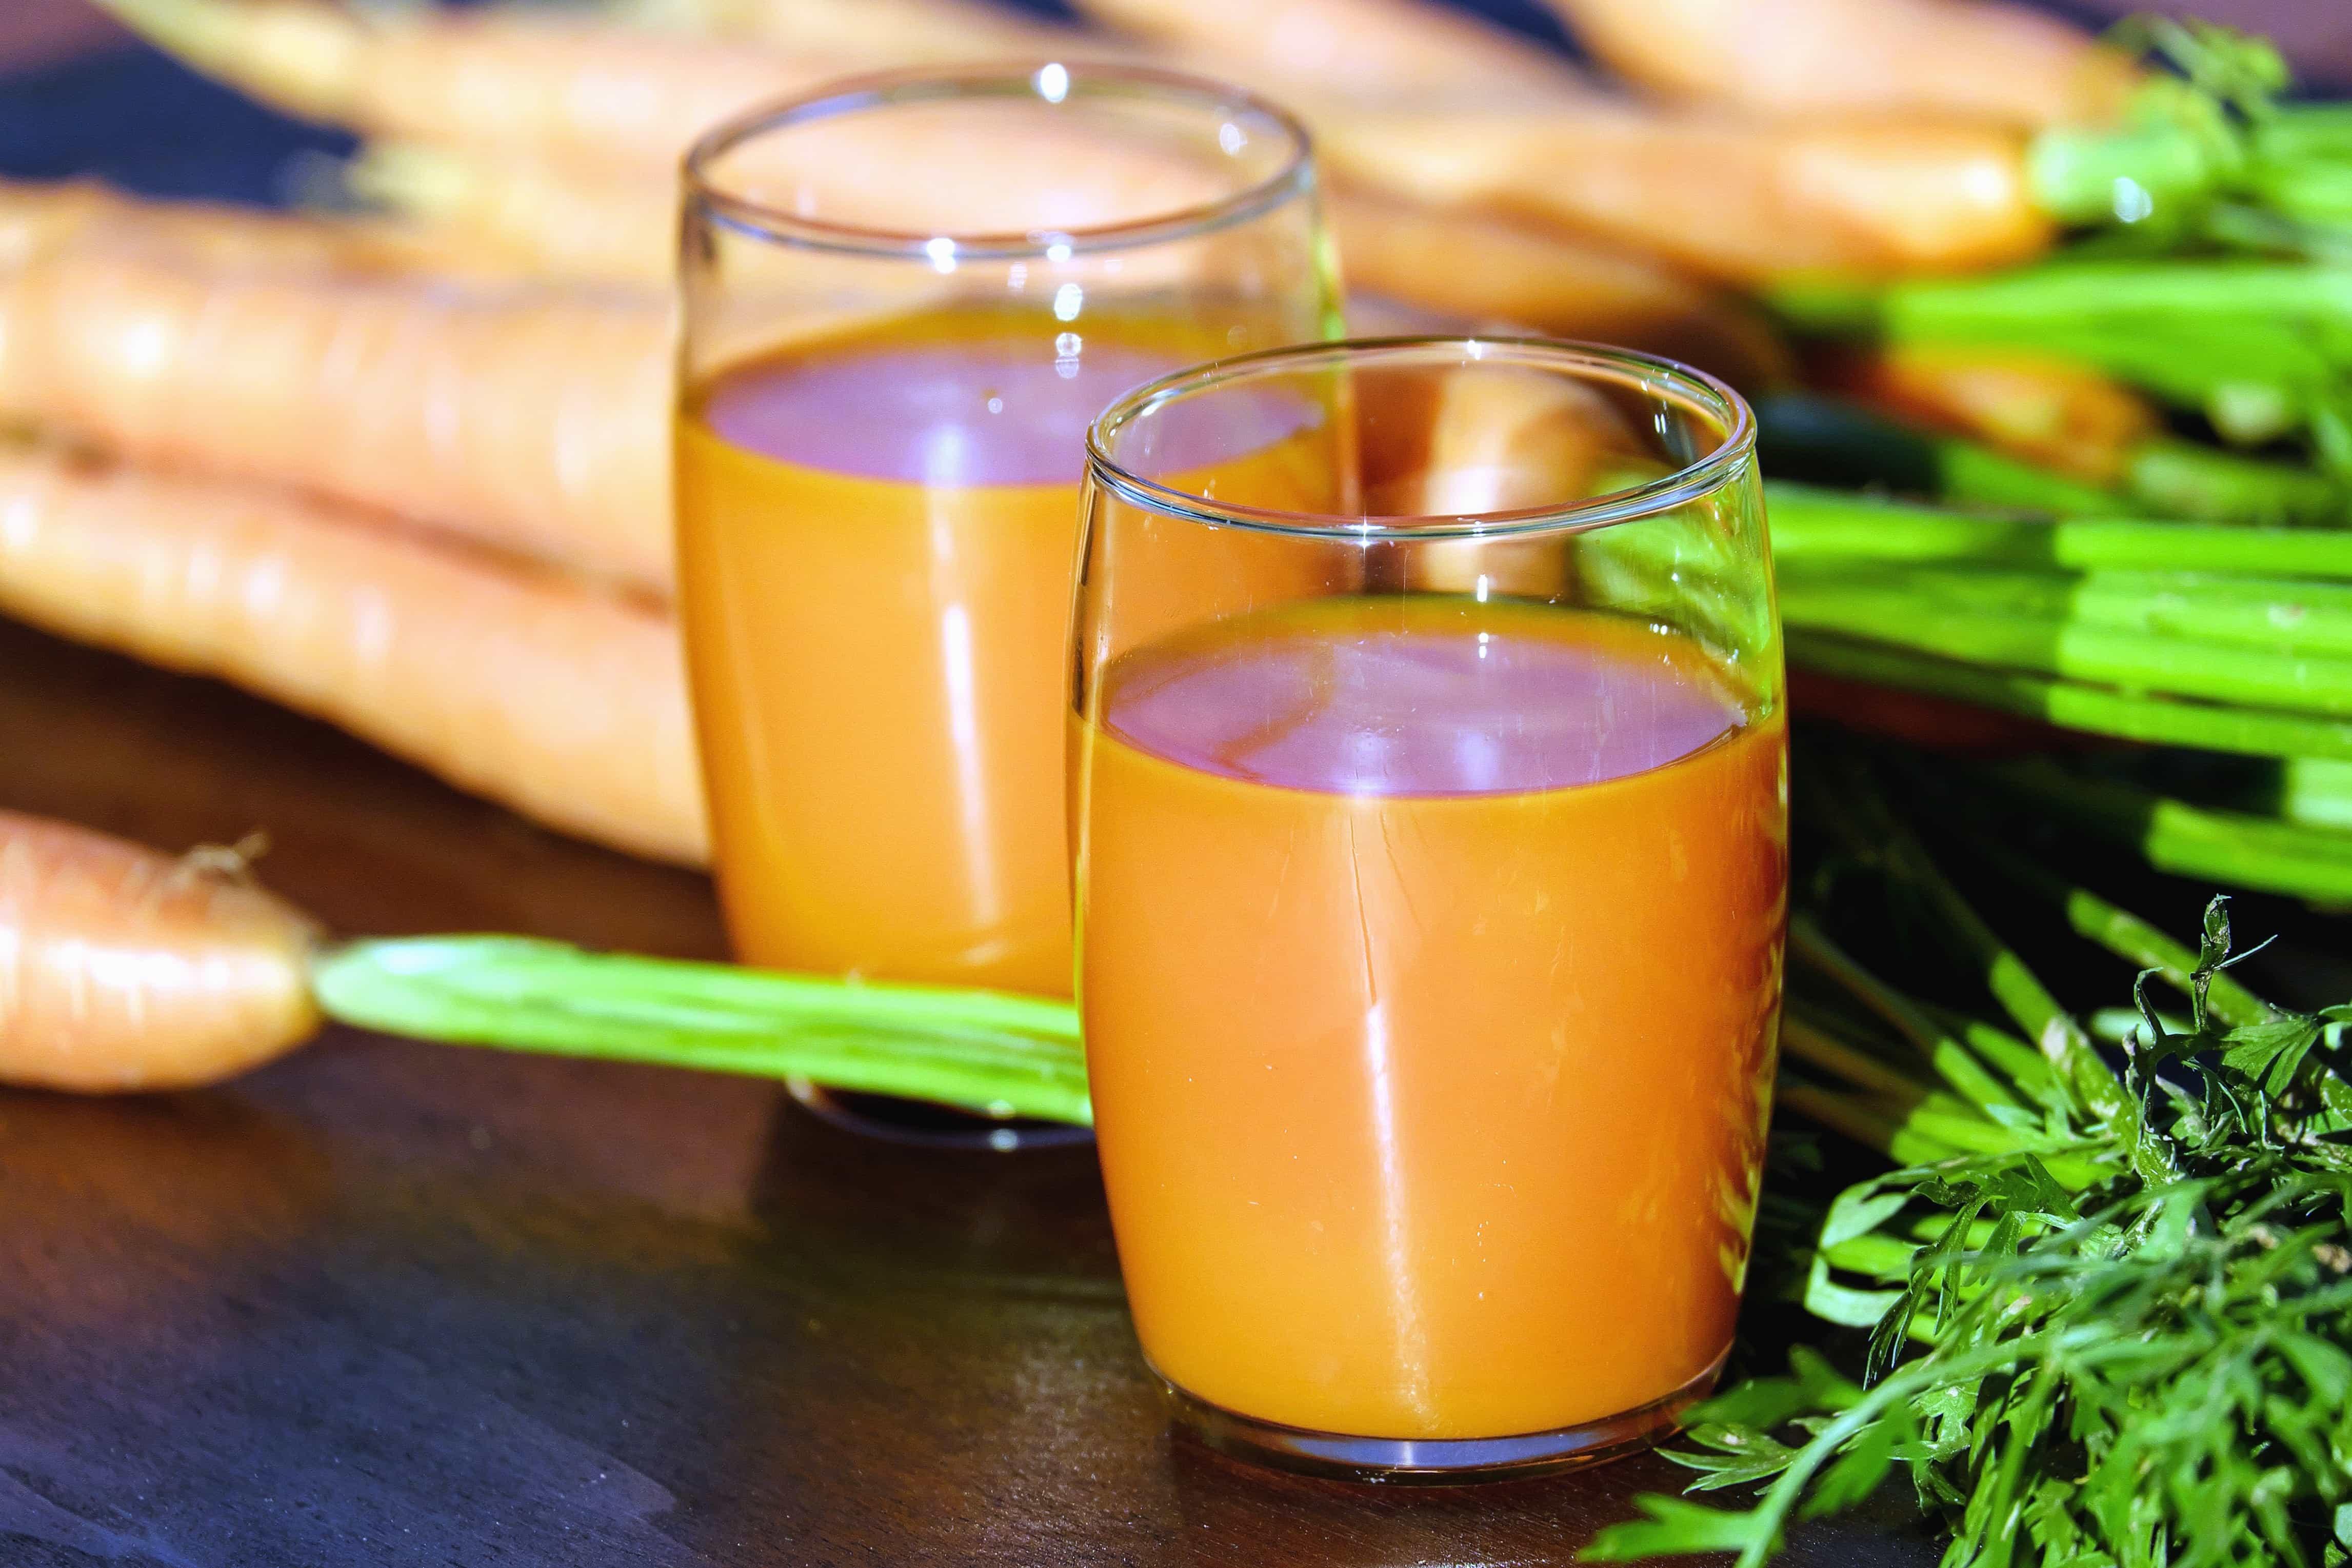 Passer juice til firmaarrangementer?